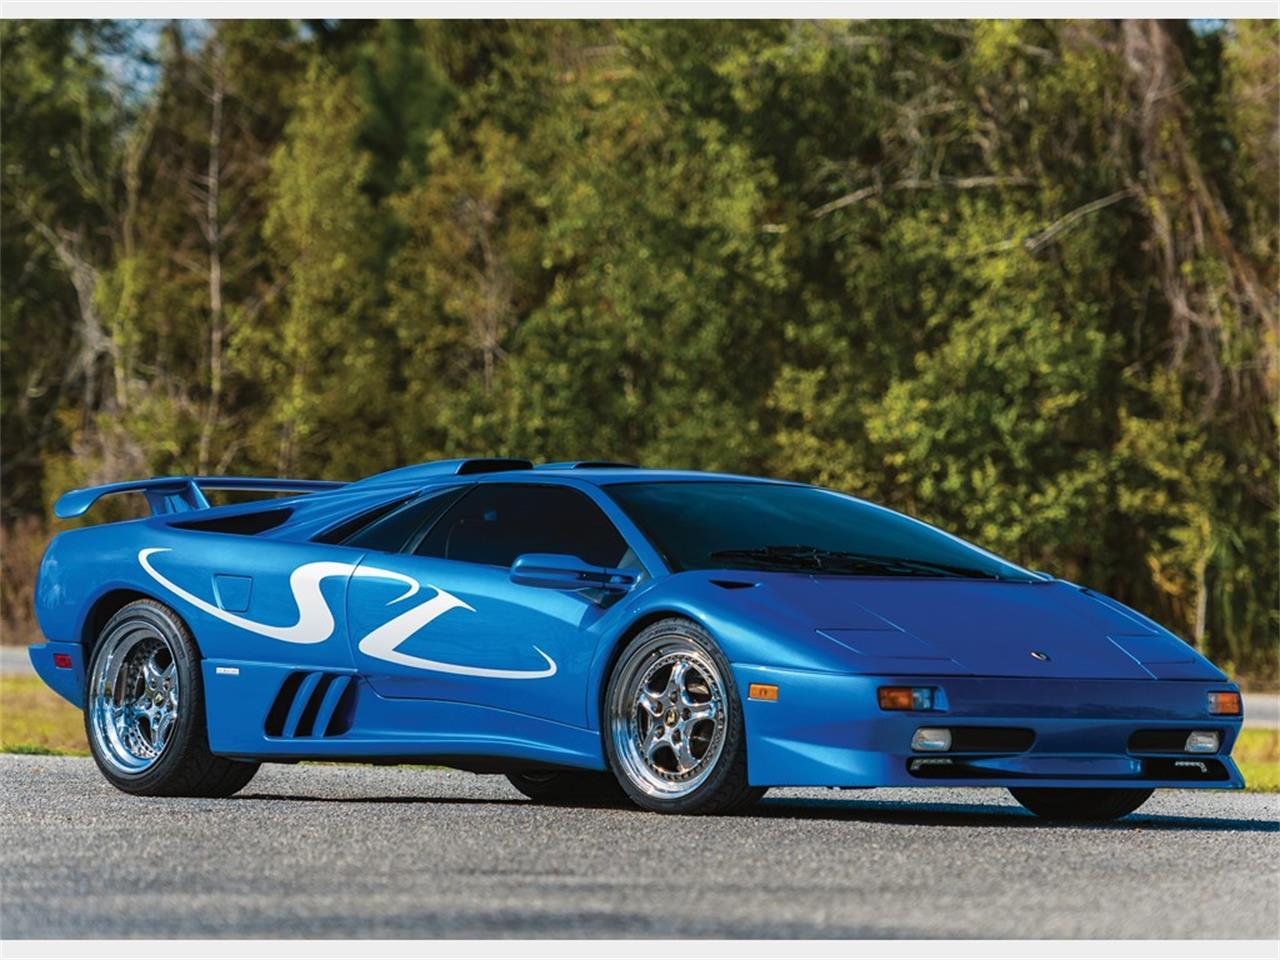 1998 Lamborghini Diablo Sv Monterey Edition For Sale Classiccars